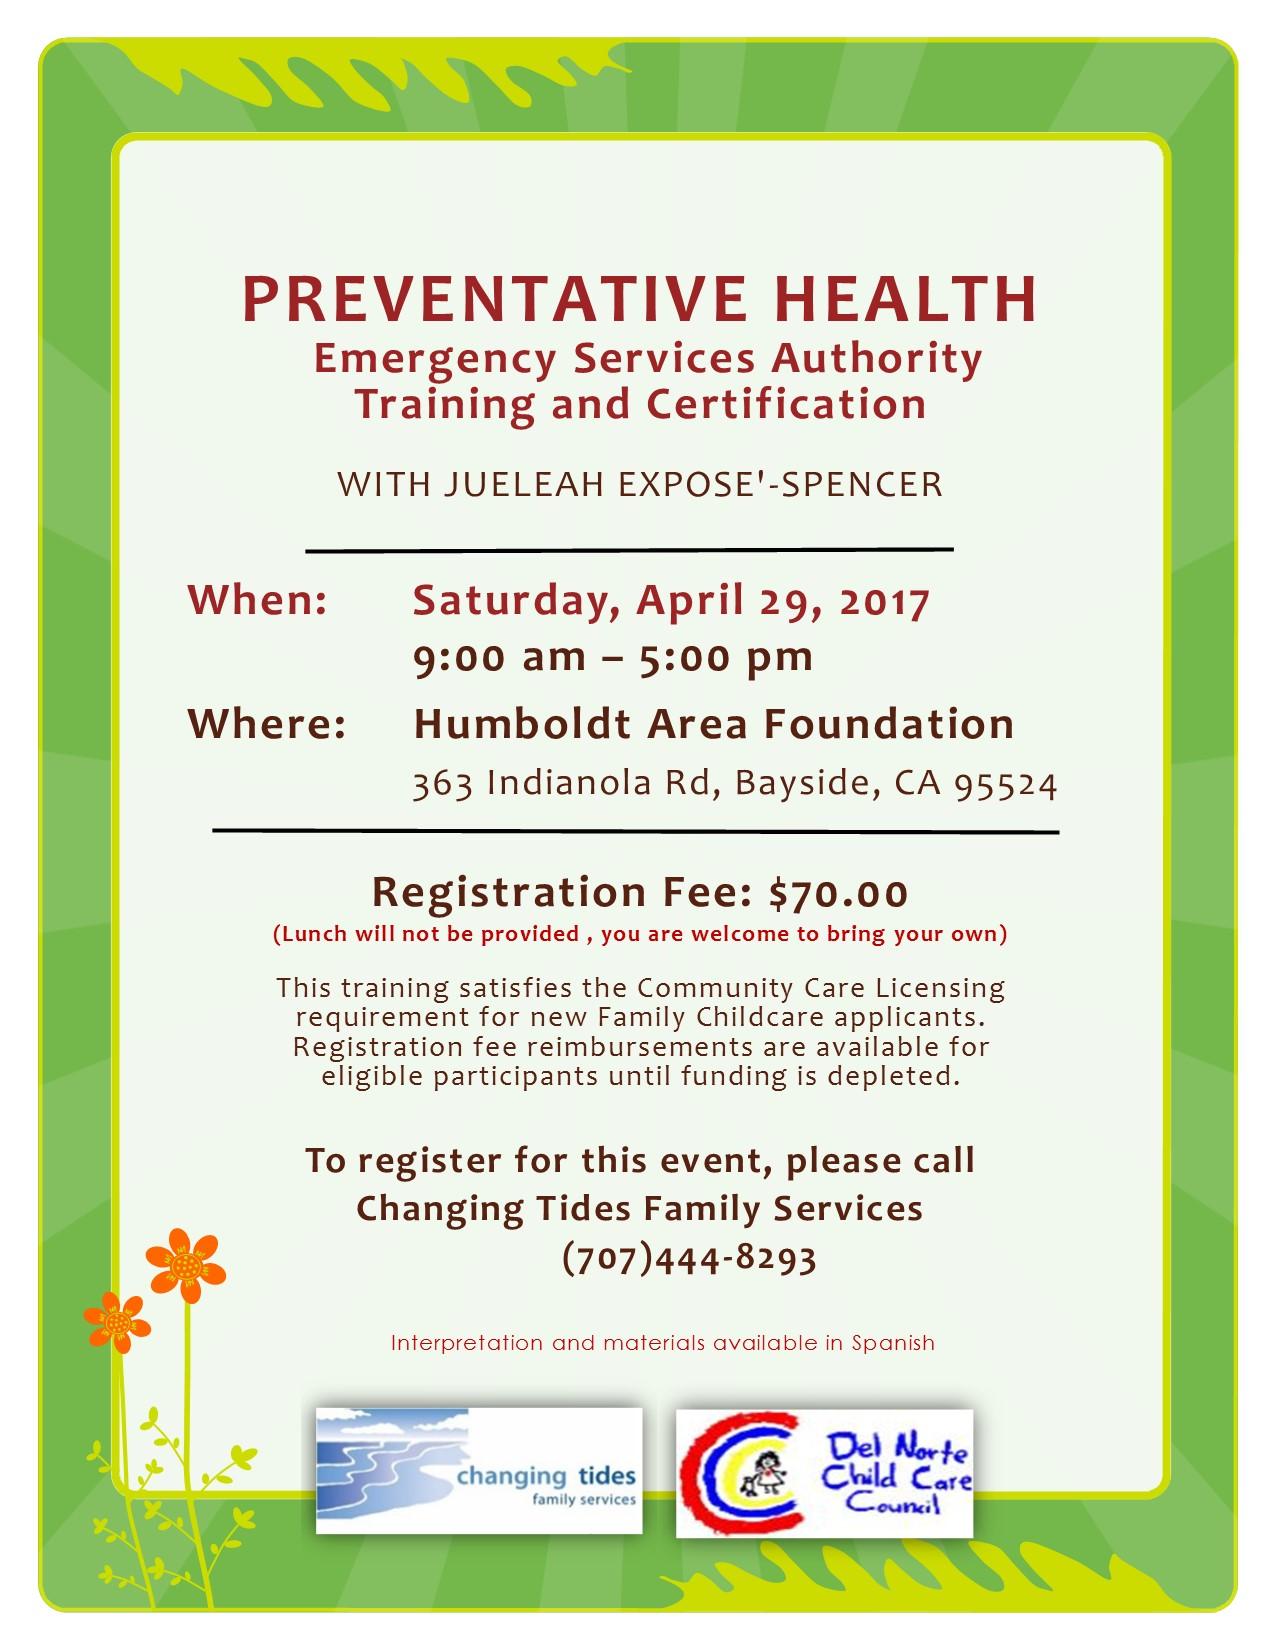 Car Care Center >> Preventative Health Flyer English - Del Norte Child Care ...